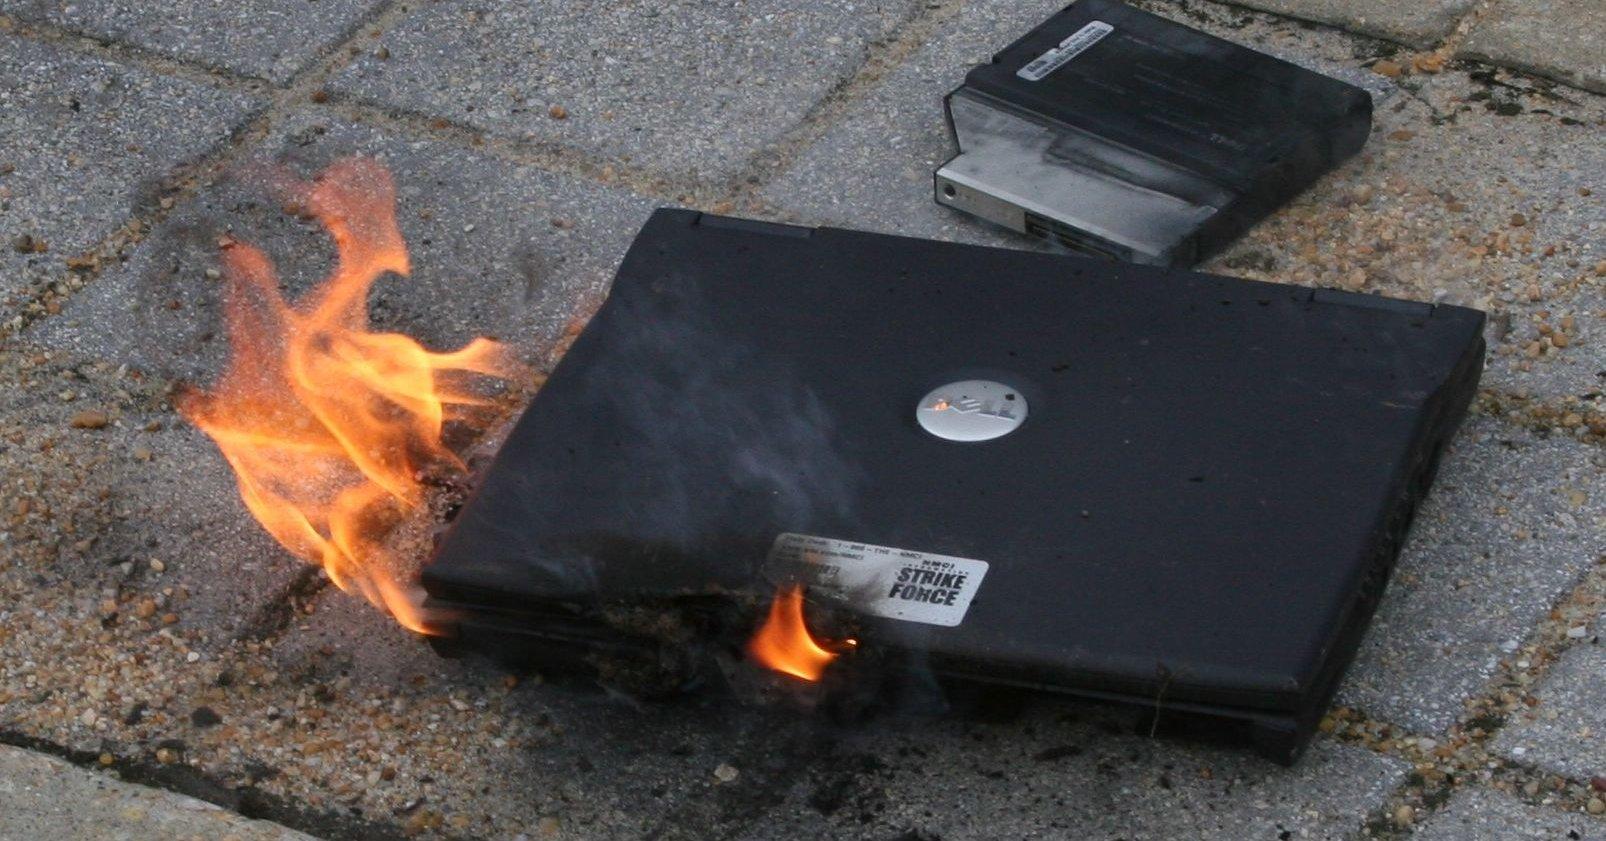 PC-en kan ta fyr selv om den verken er slått på eller koblet til strømnettet. (Maskinen på bildet er ikke identisk med den som er omtalt i artikkelen)